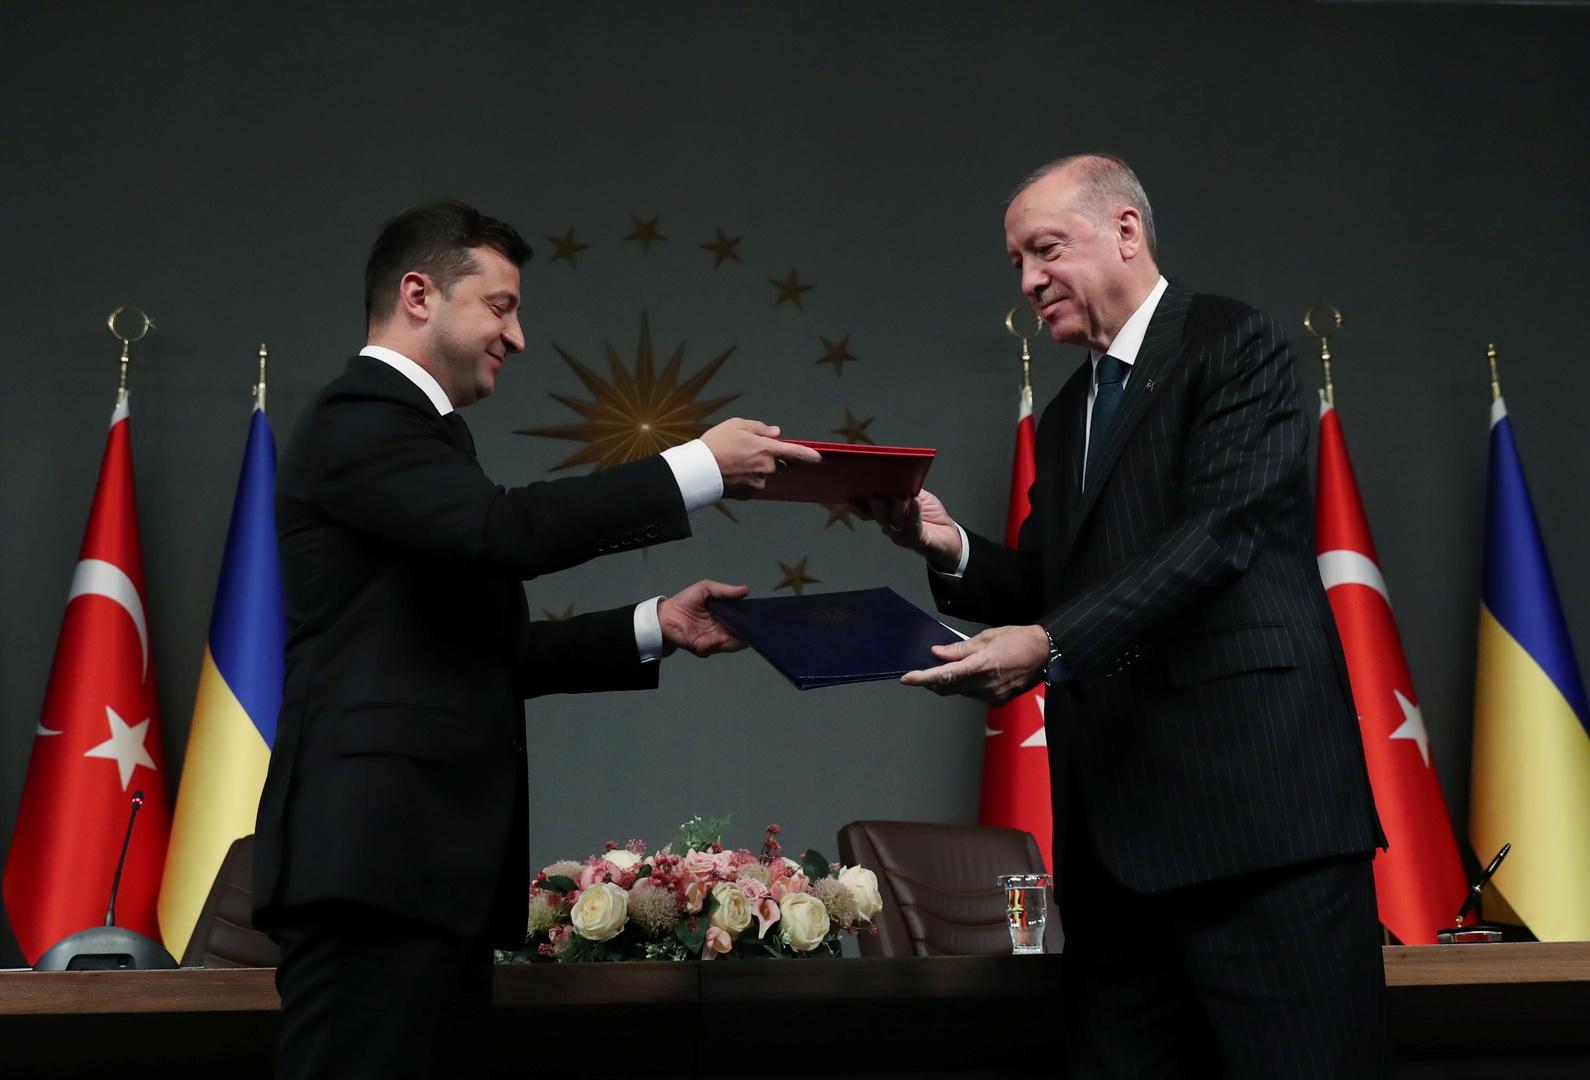 الرئيسان الأوكراني، فلاديمير زيلينسكي، والتركي، رجب طيب أردوغان